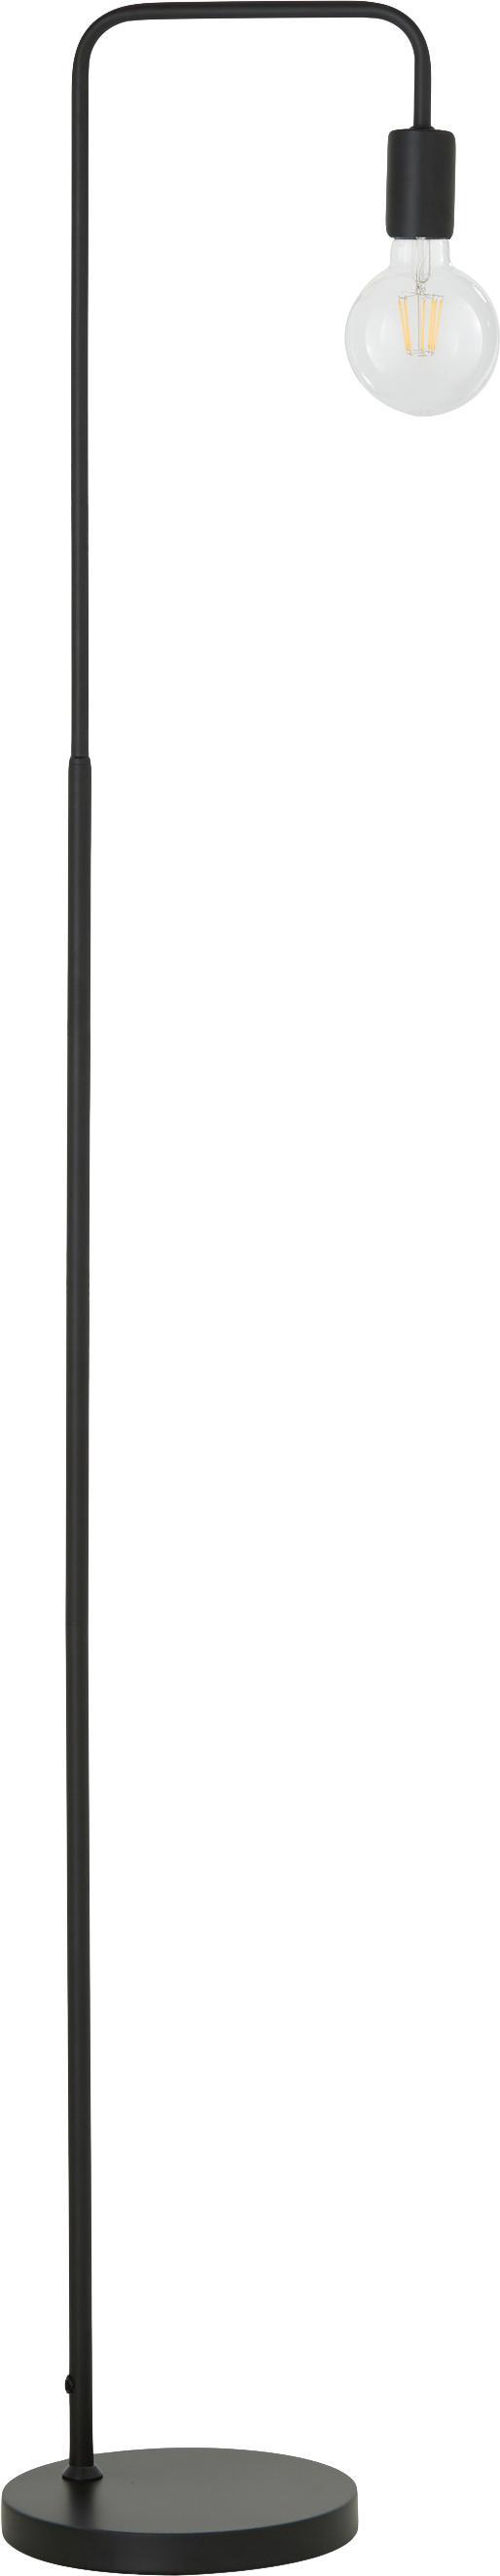 Stehlampe Flow aus Metall, Schwarz, Schwarz, 33 x 153 cm